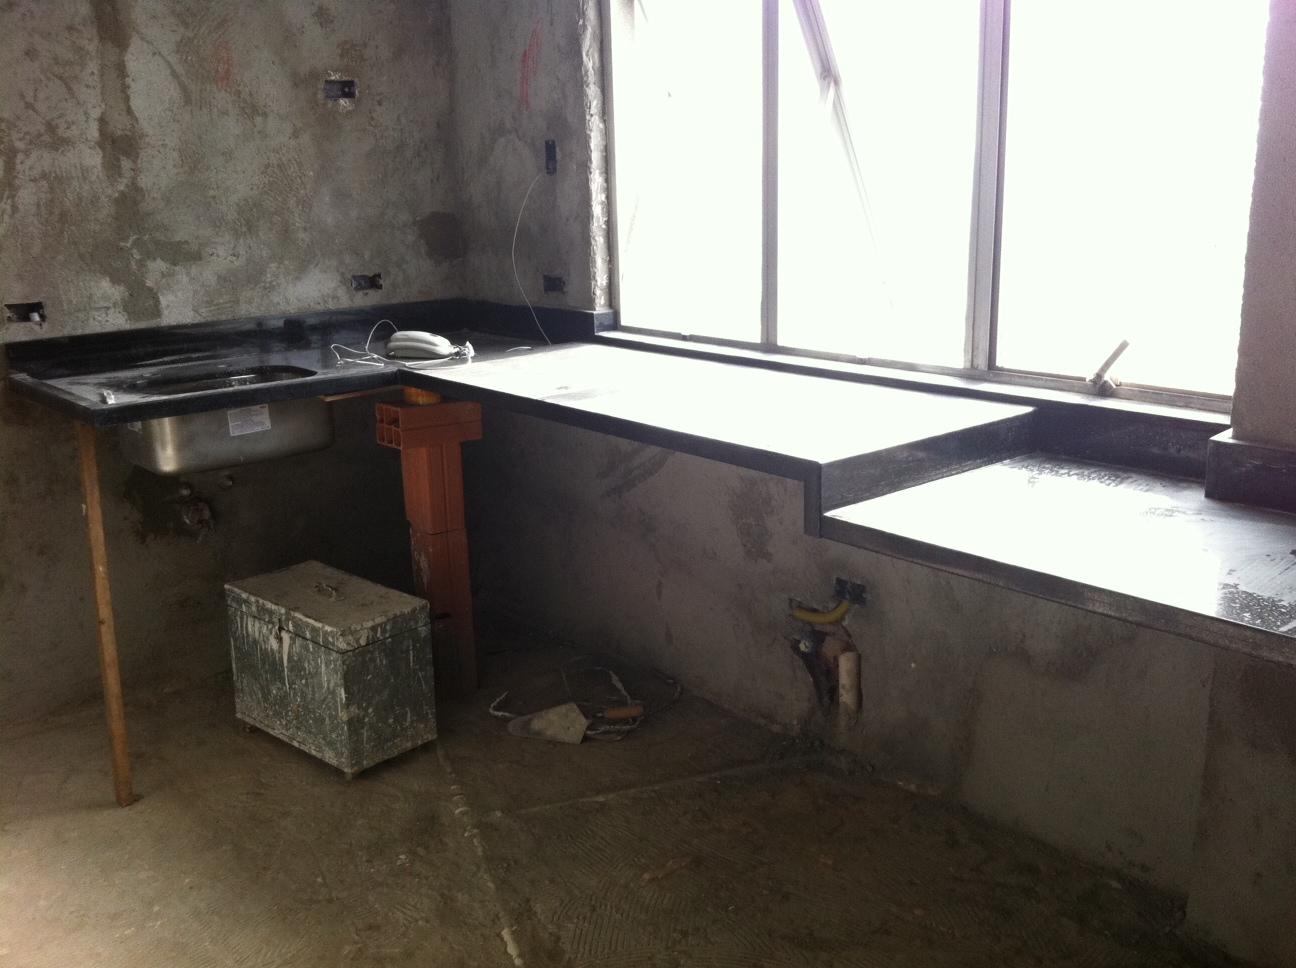 Espero que goste da nossa pia! As dos banheiros também já estão  #618843 1296x968